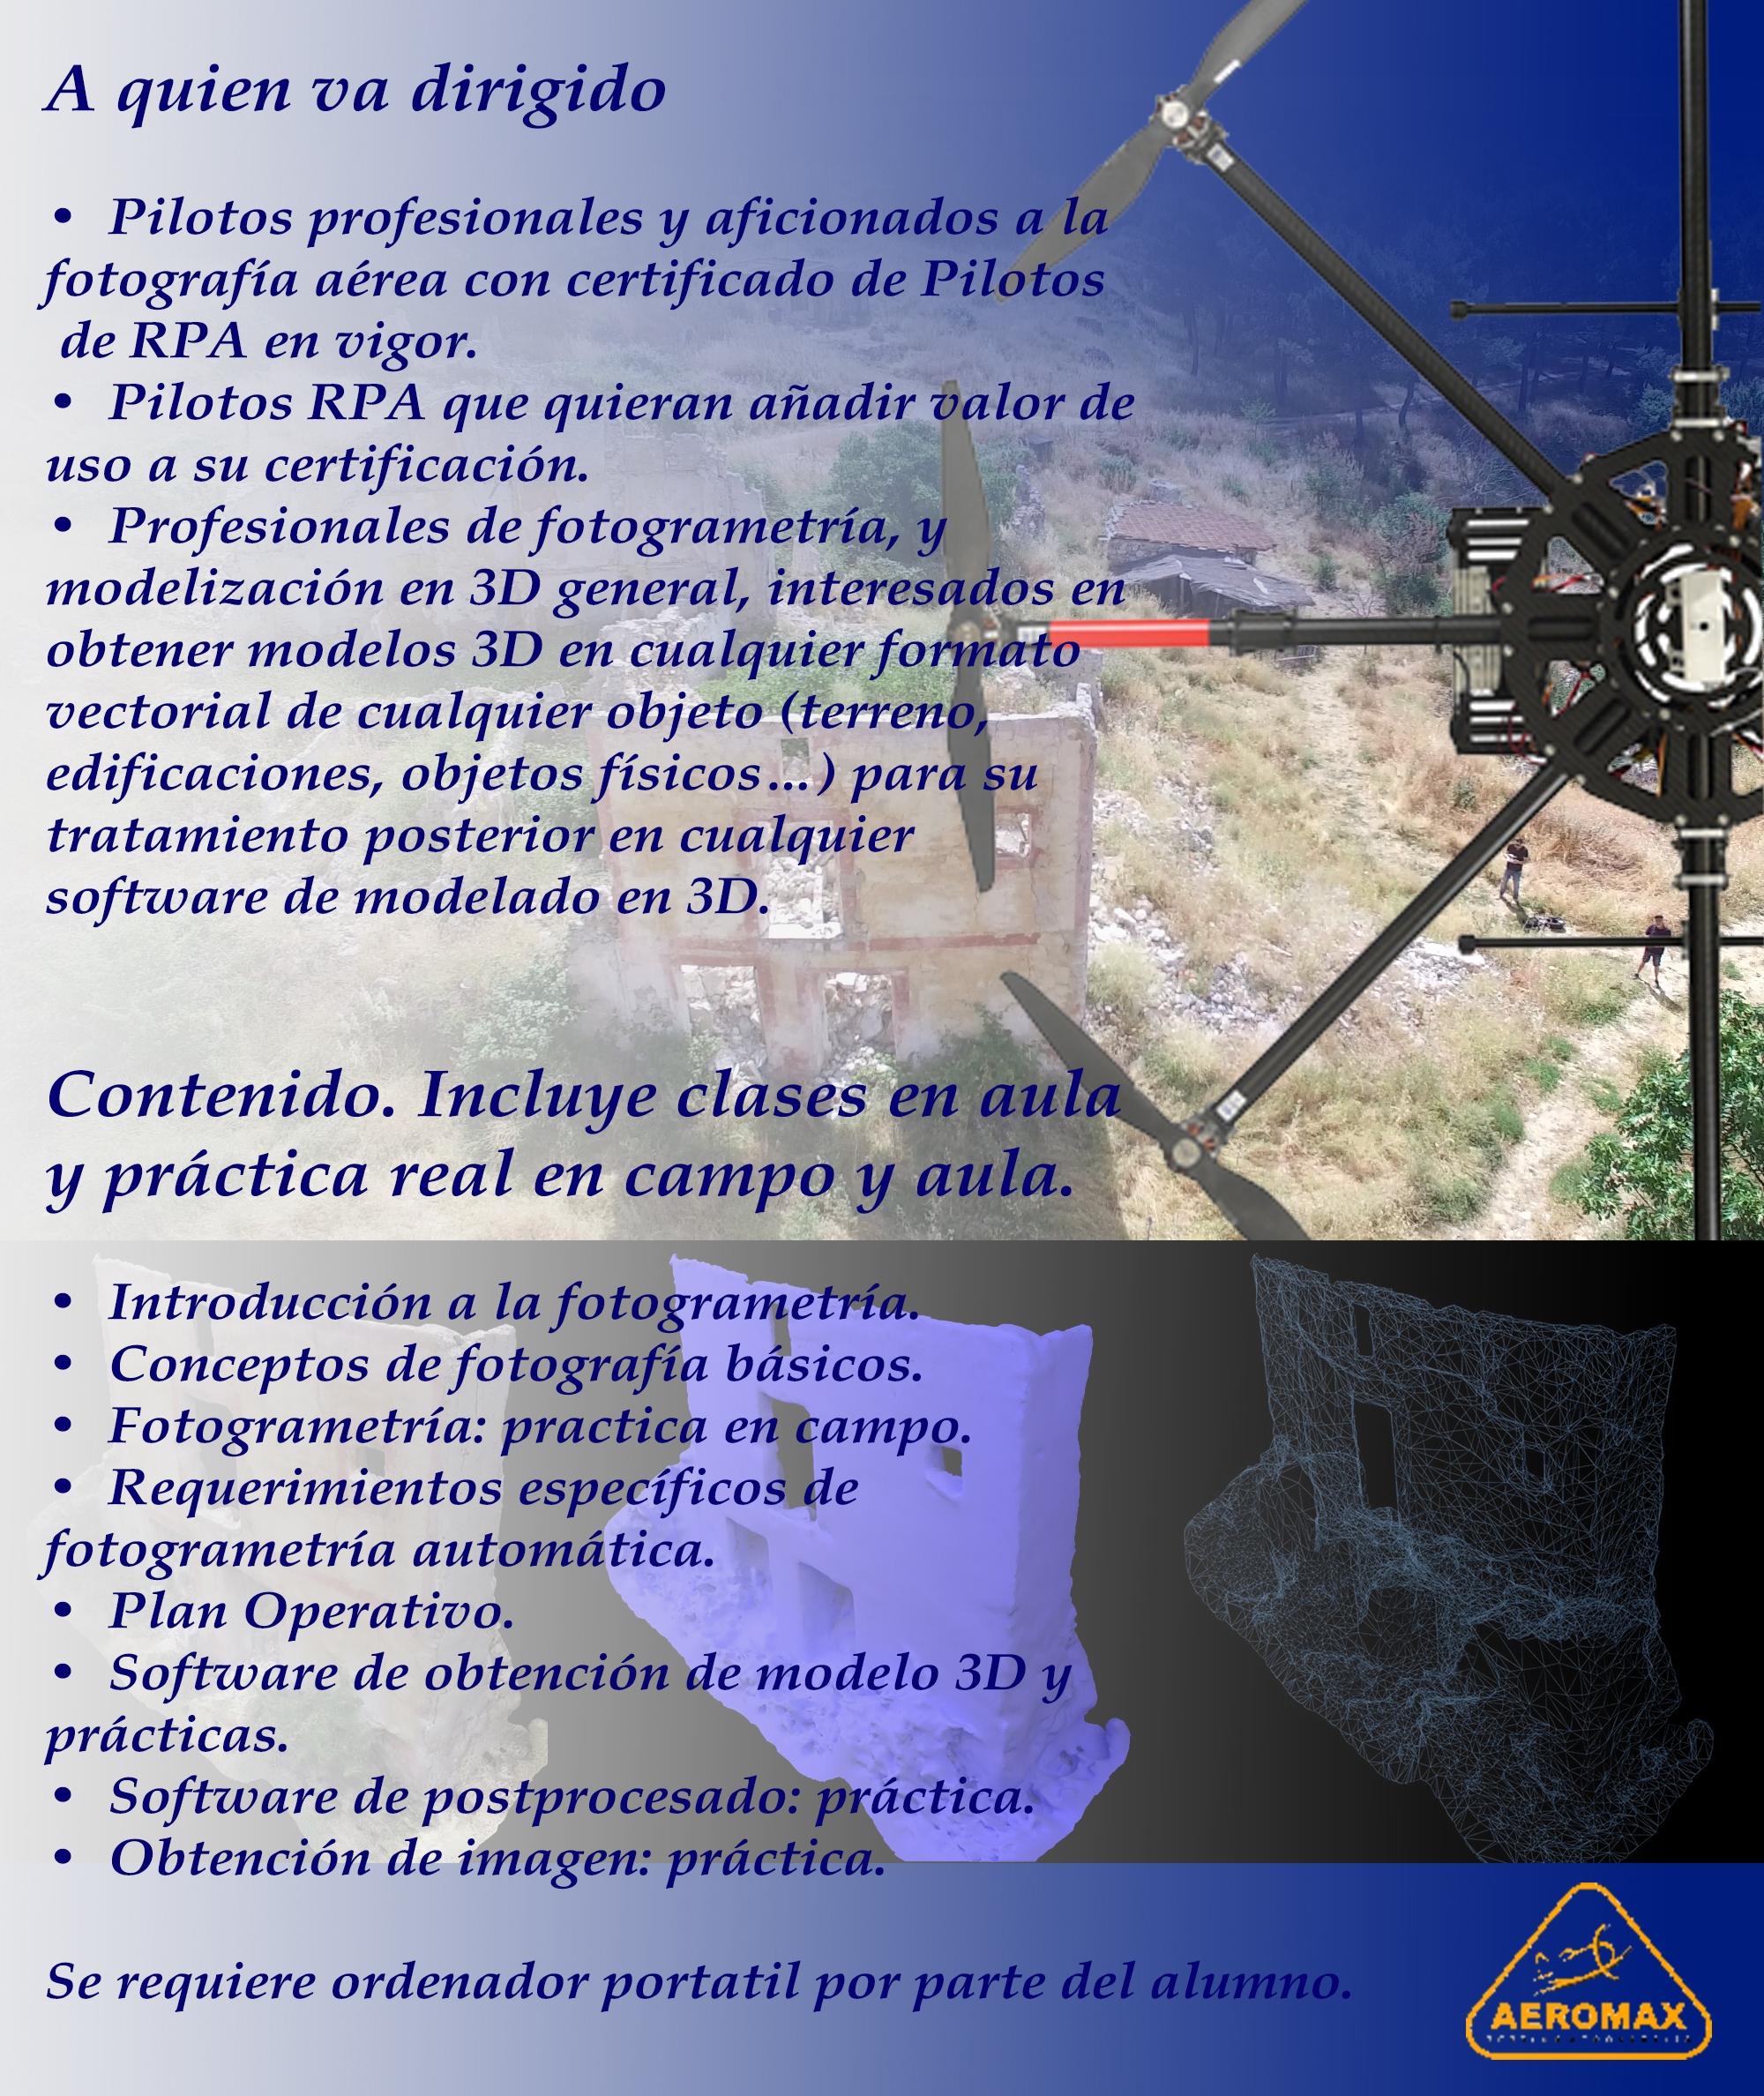 CURSO TEORICO-PRACTICO FOTOGRAMATRIA Y 3D